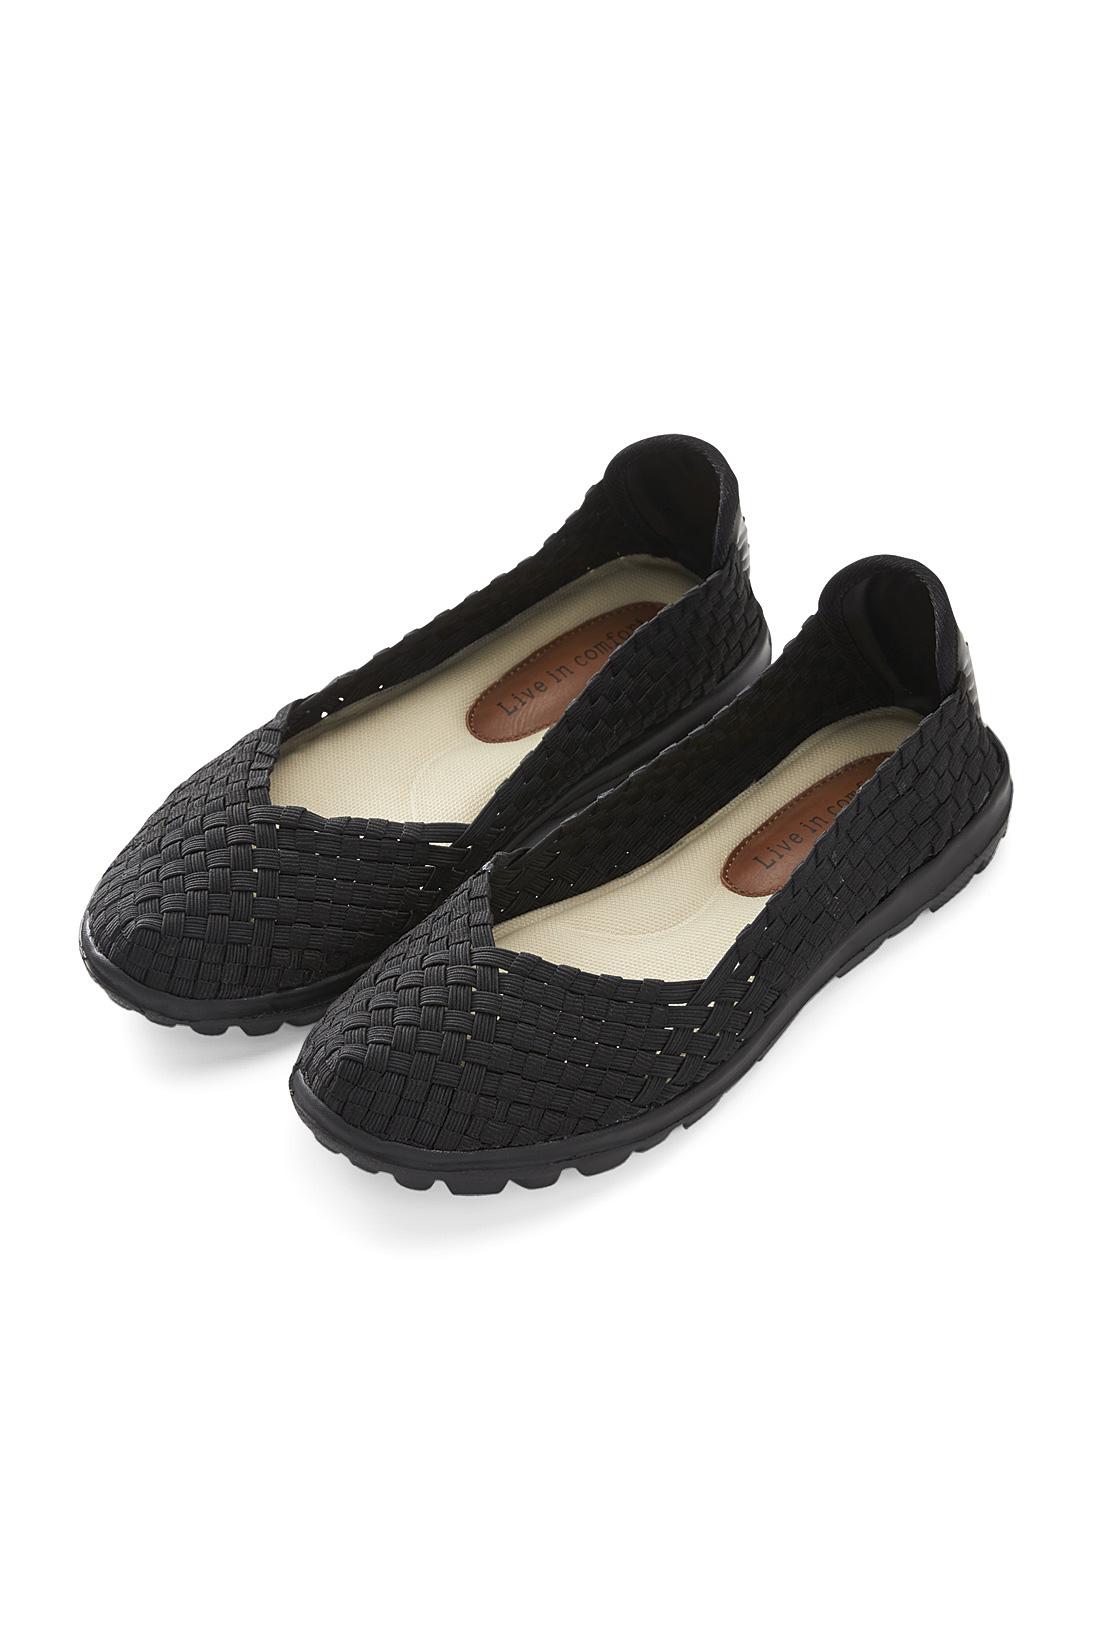 きれいめコーデにも似合う【ブラック】※ソール部分もブラック 素足に履いても気持ちいい、総ゴムのメッシュ仕様。履き口はV字ラインで、足をすっきりキレイ見せ。